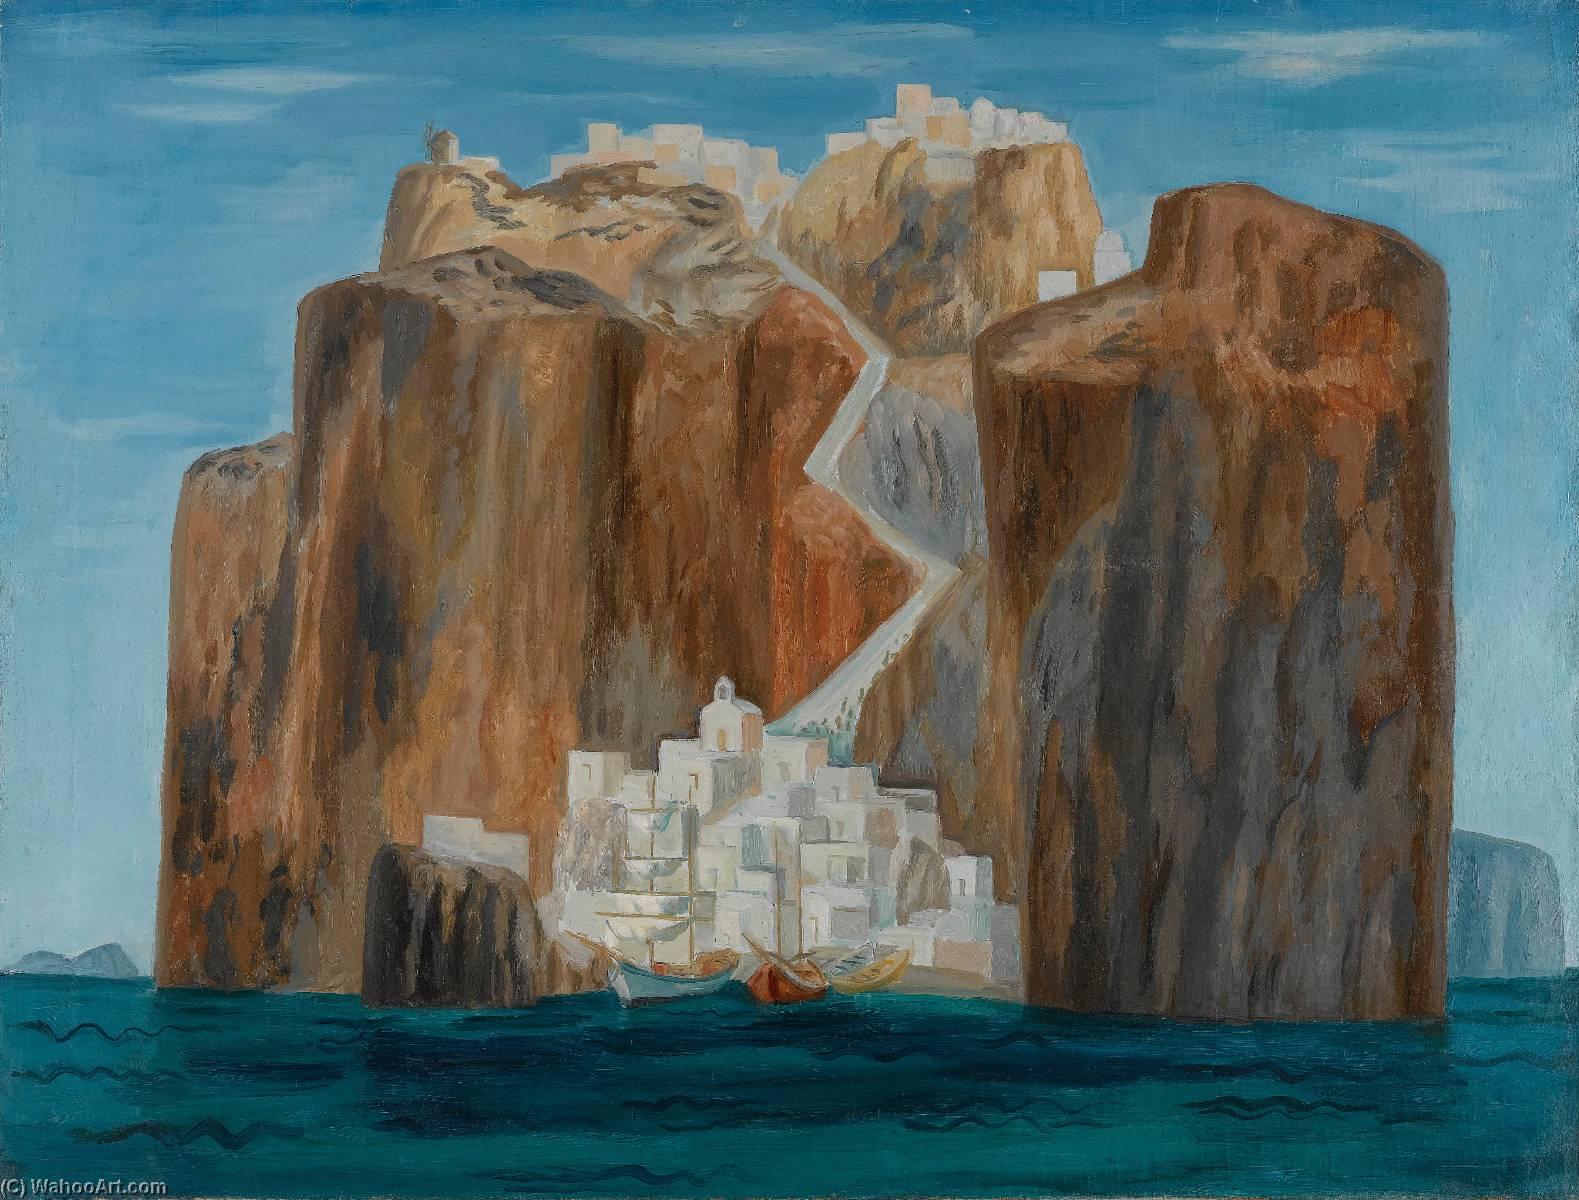 Wikioo.org - The Encyclopedia of Fine Arts - Painting, Artwork by Gerasimos Steris - Santorini